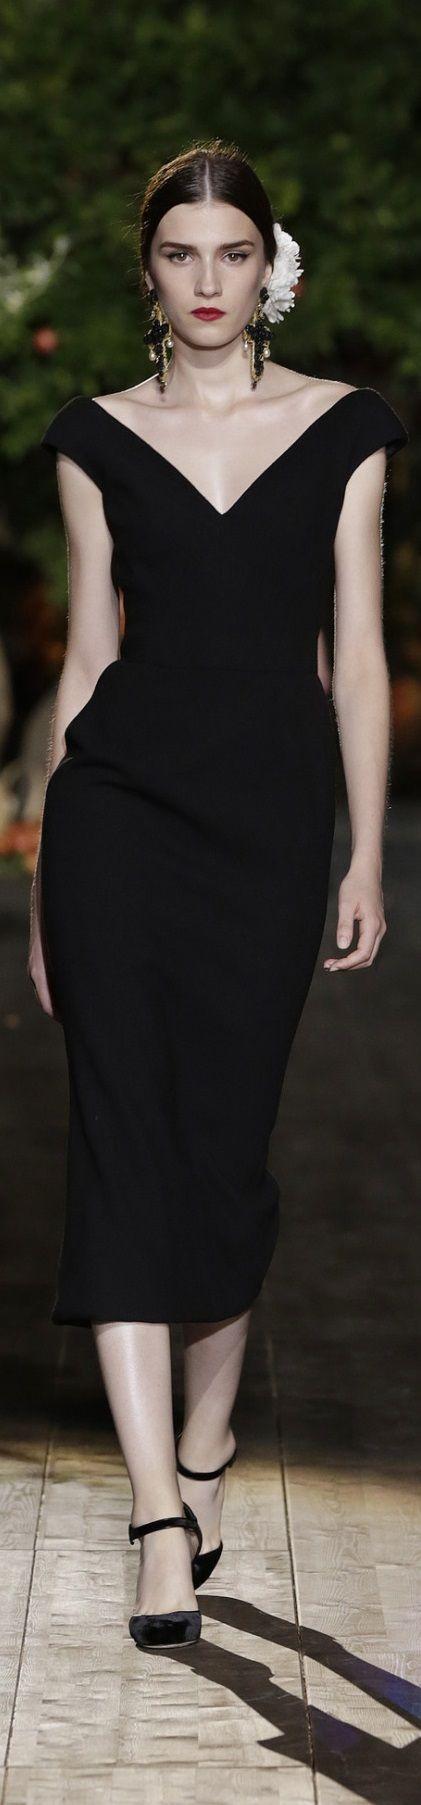 Dolce & Gabbana ~ Couture Black Heart Neckline Midi Dress Fall 2015